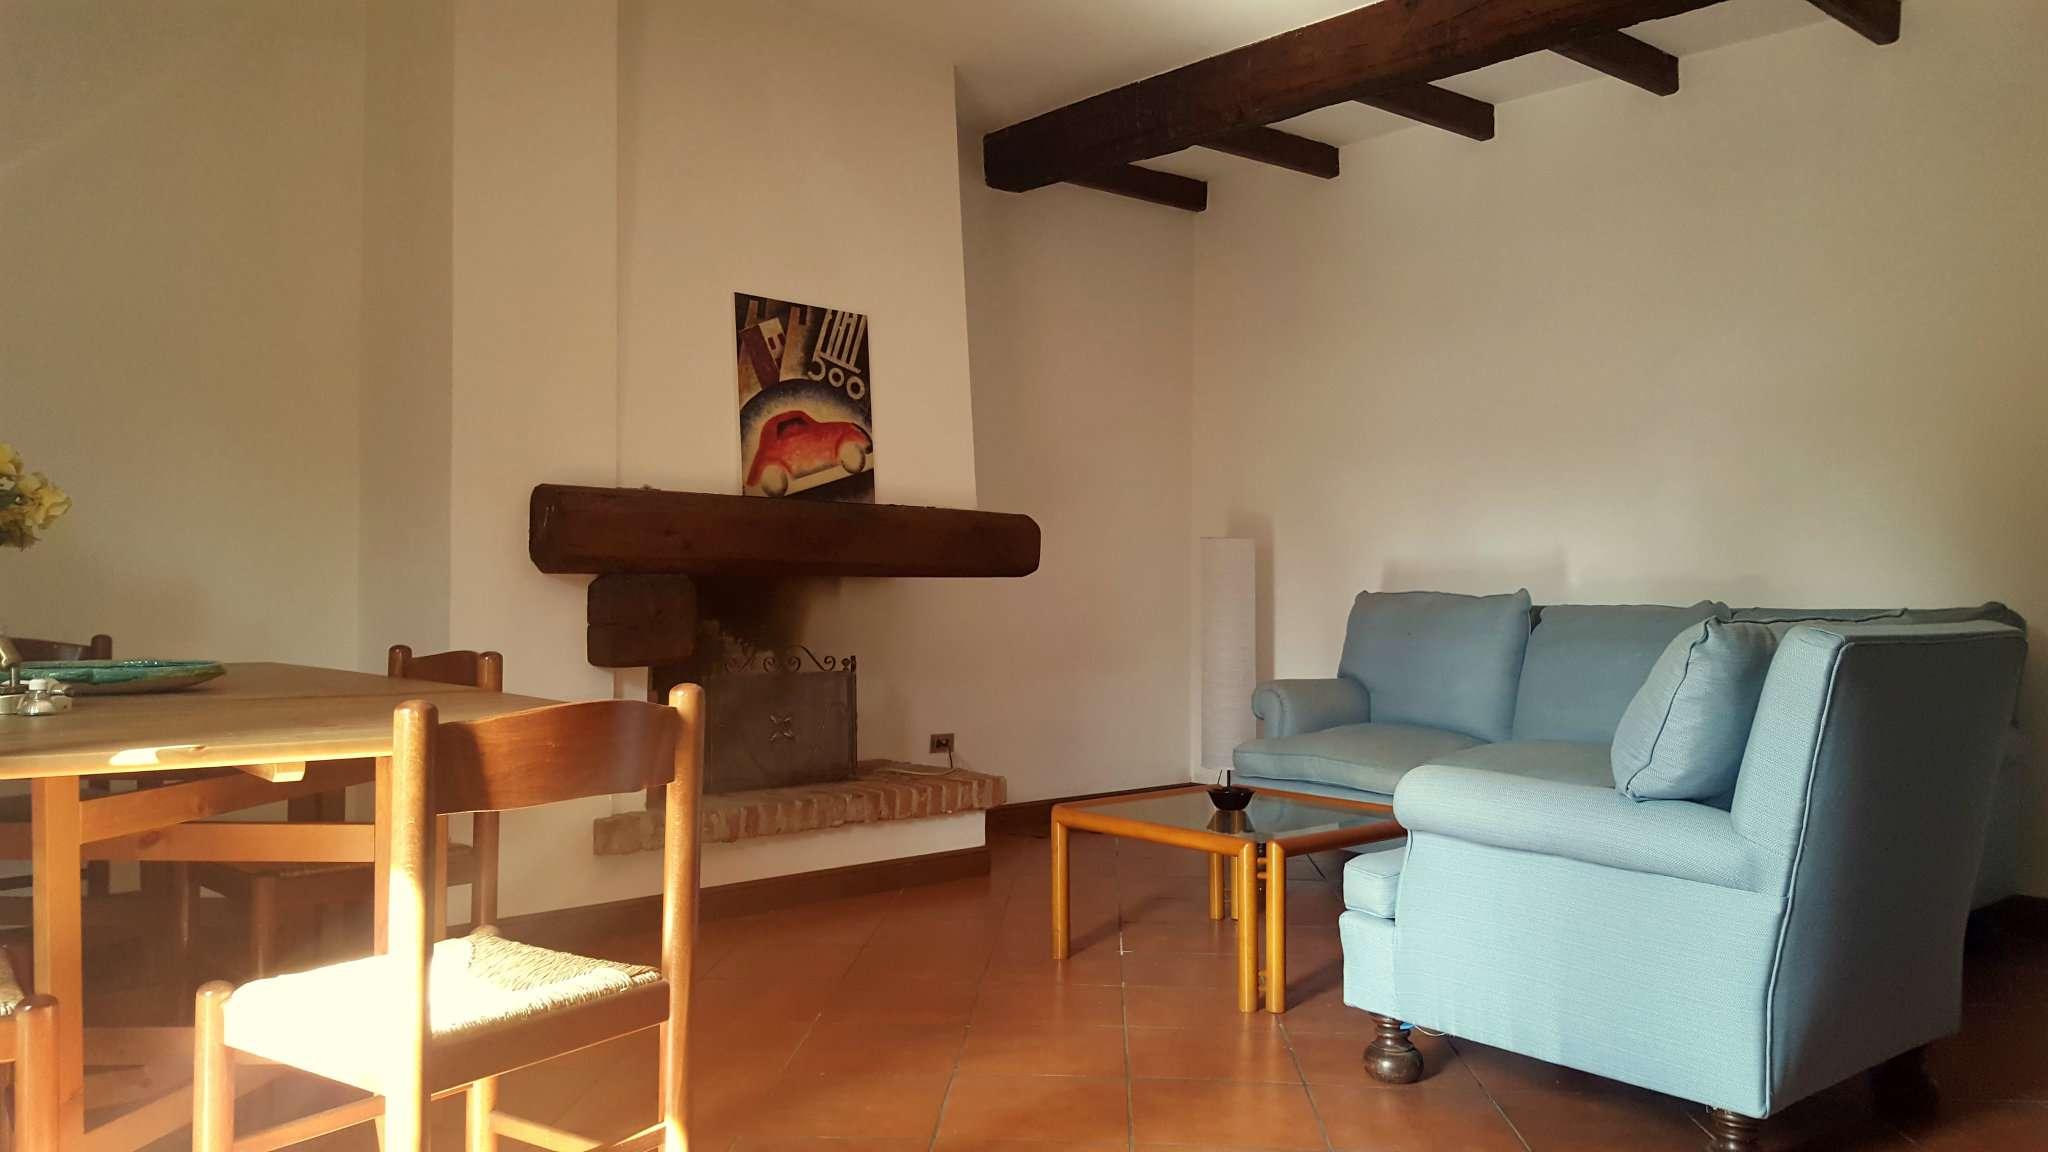 Villa in affitto Zona Precollina, Collina - strada Fenestrelle Torino